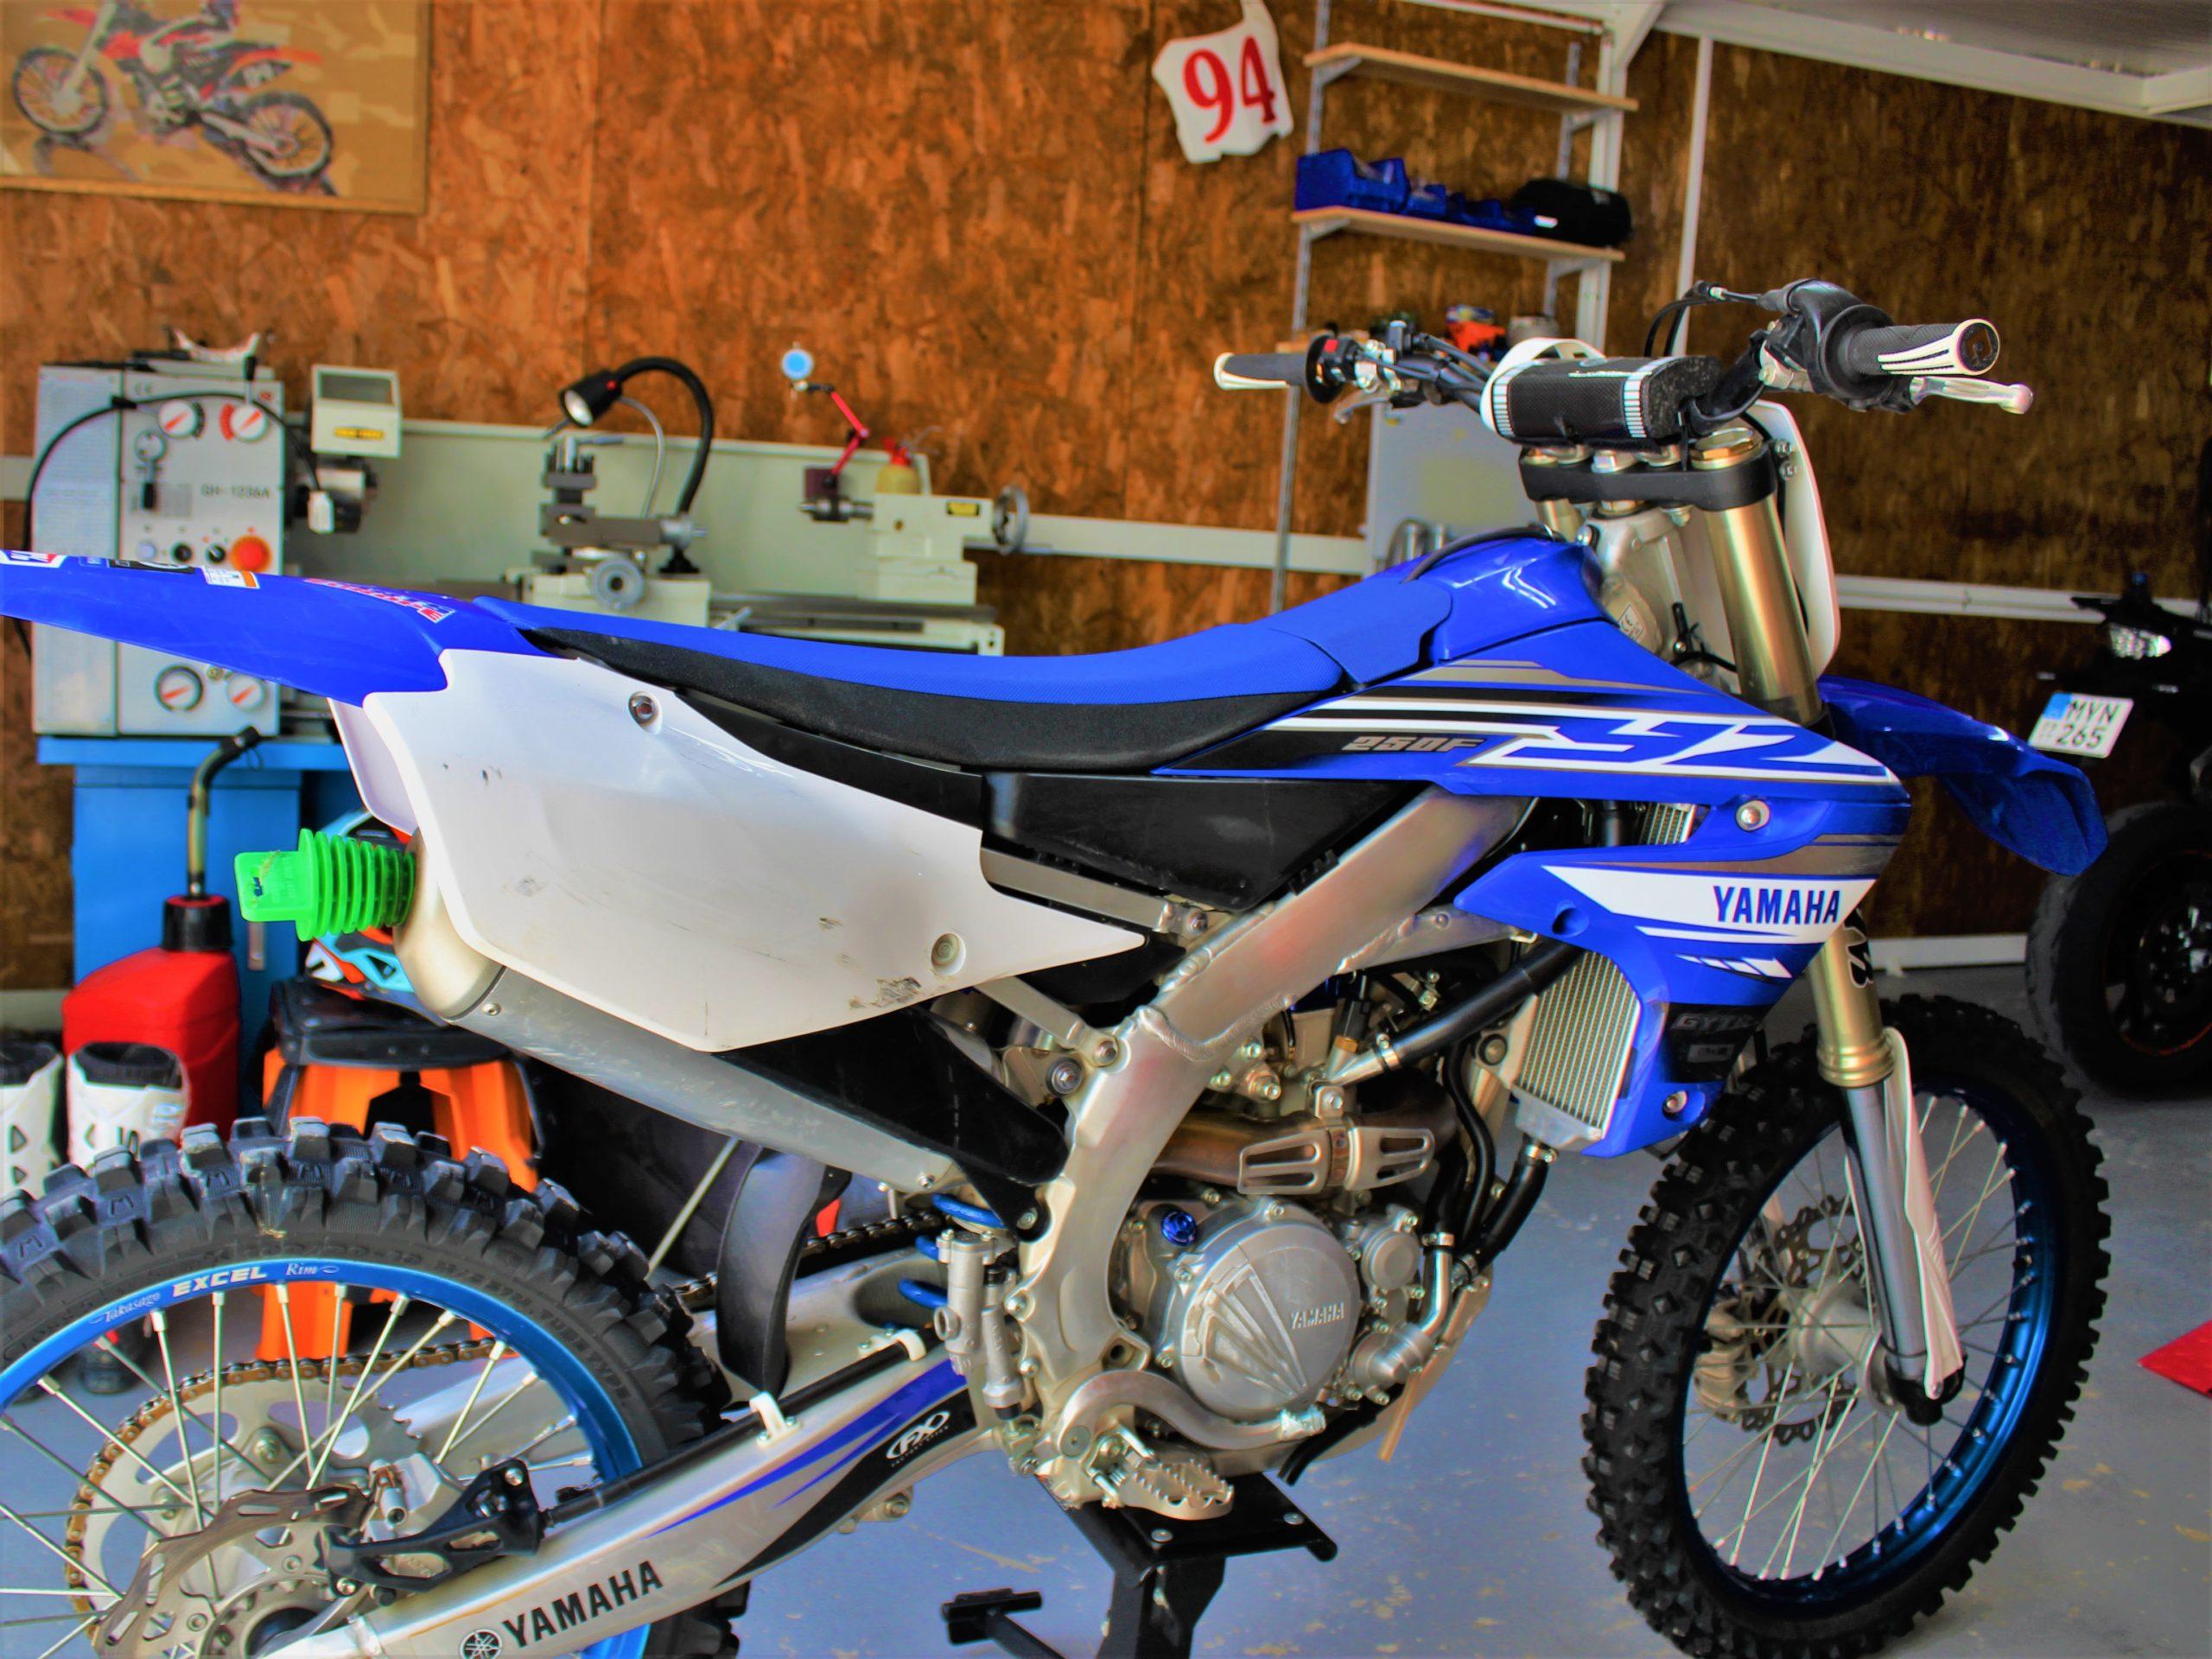 Yamaha cyprus